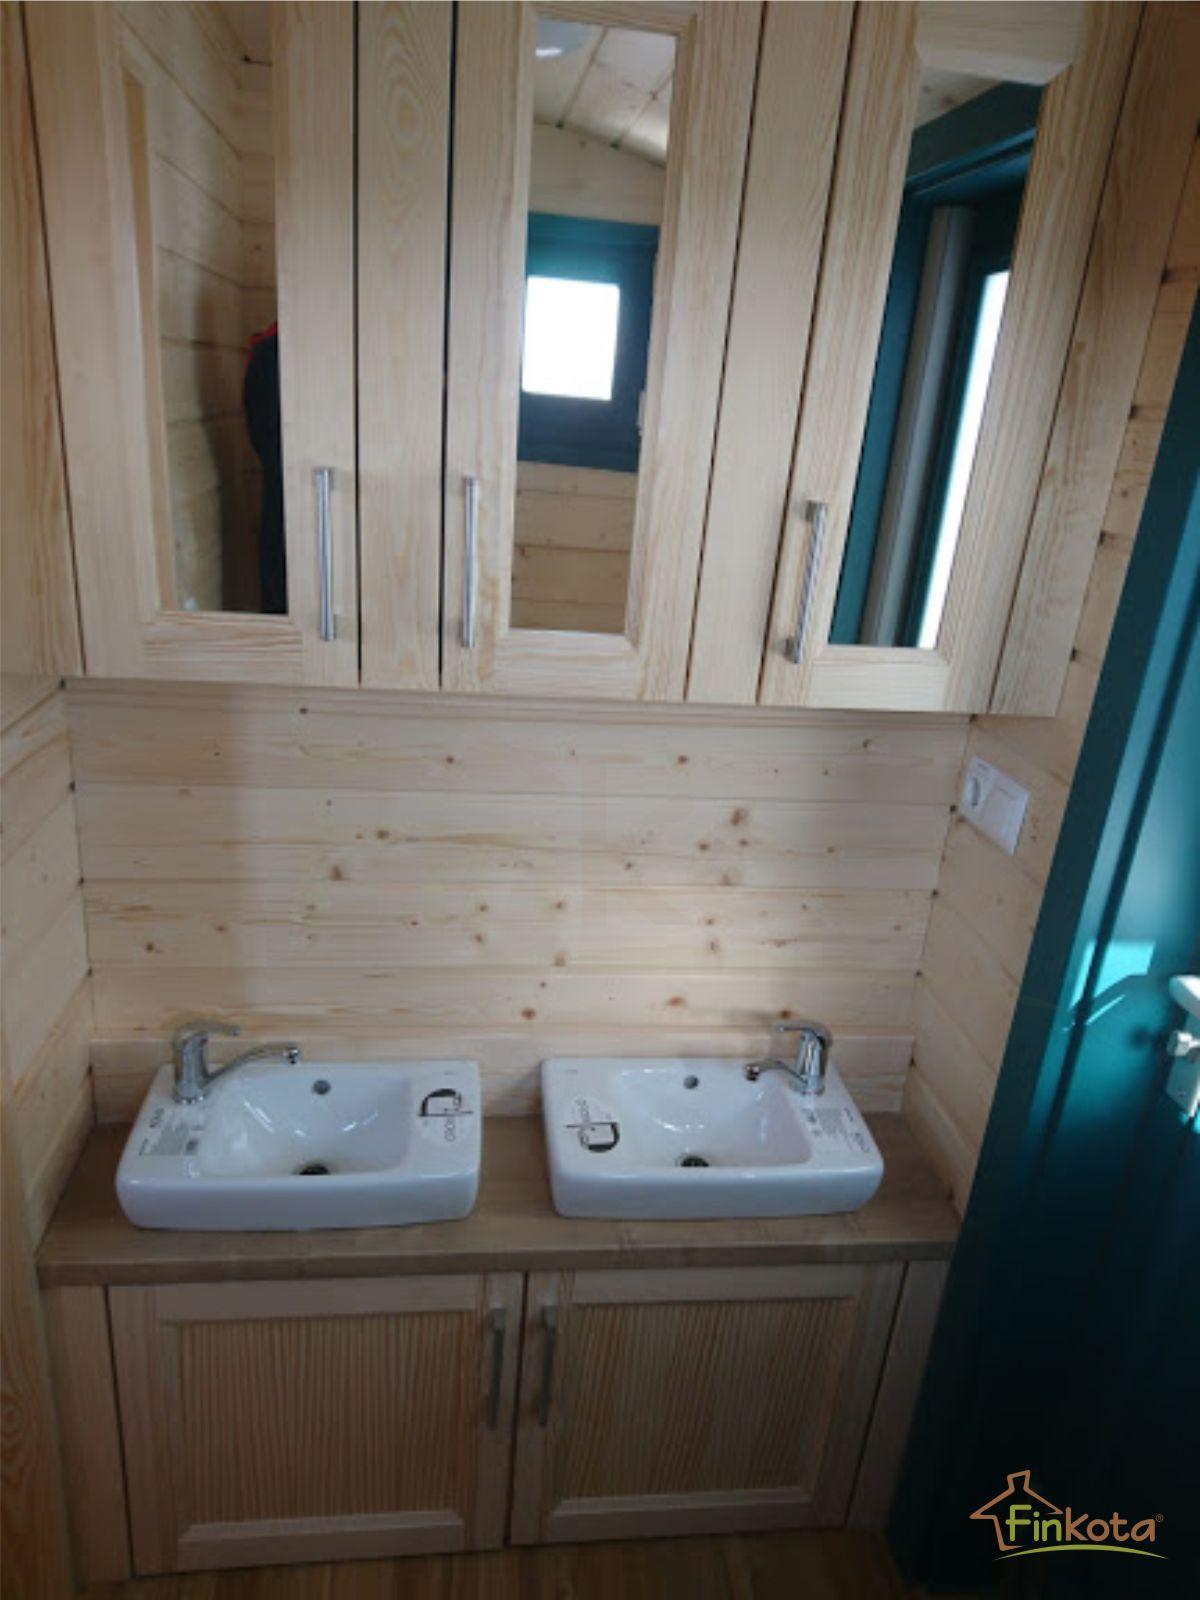 Doppelwaschbecken im Frieda